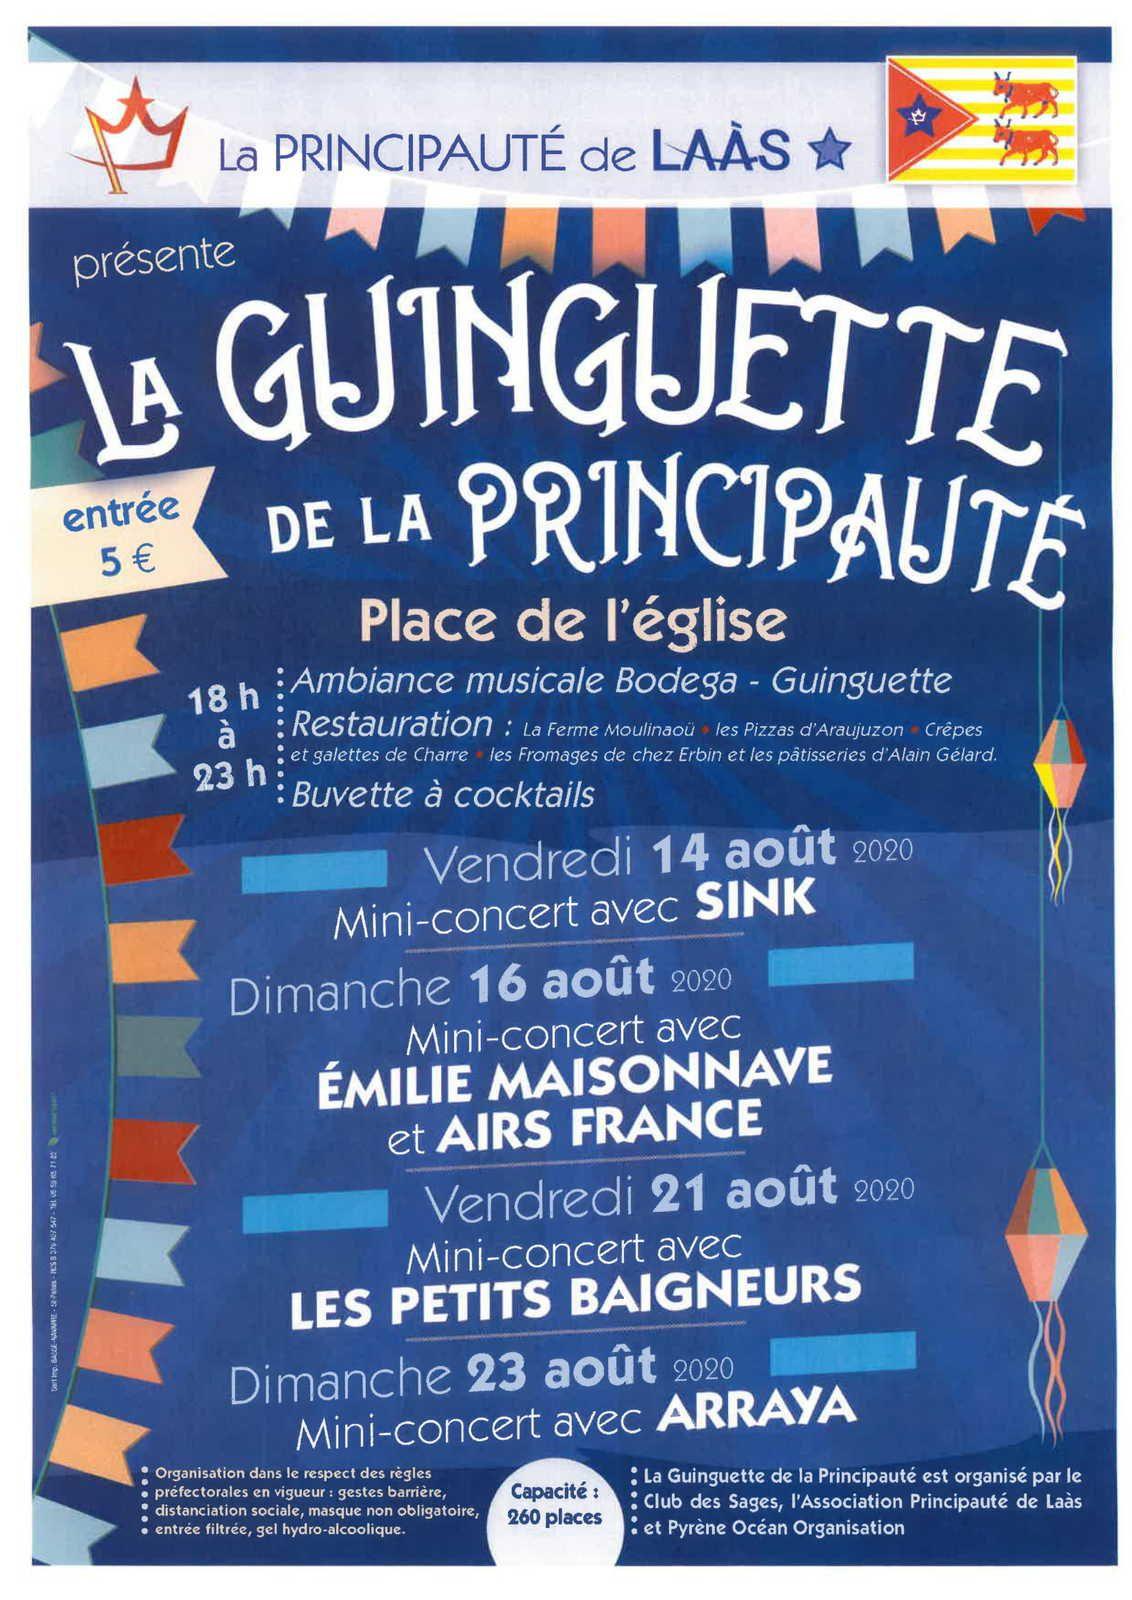 BEARN des GAVES : CREATION de  4 SOIREES GUINGUETTES et MAINTIEN des 3 HEURES DE LA BROUETTE